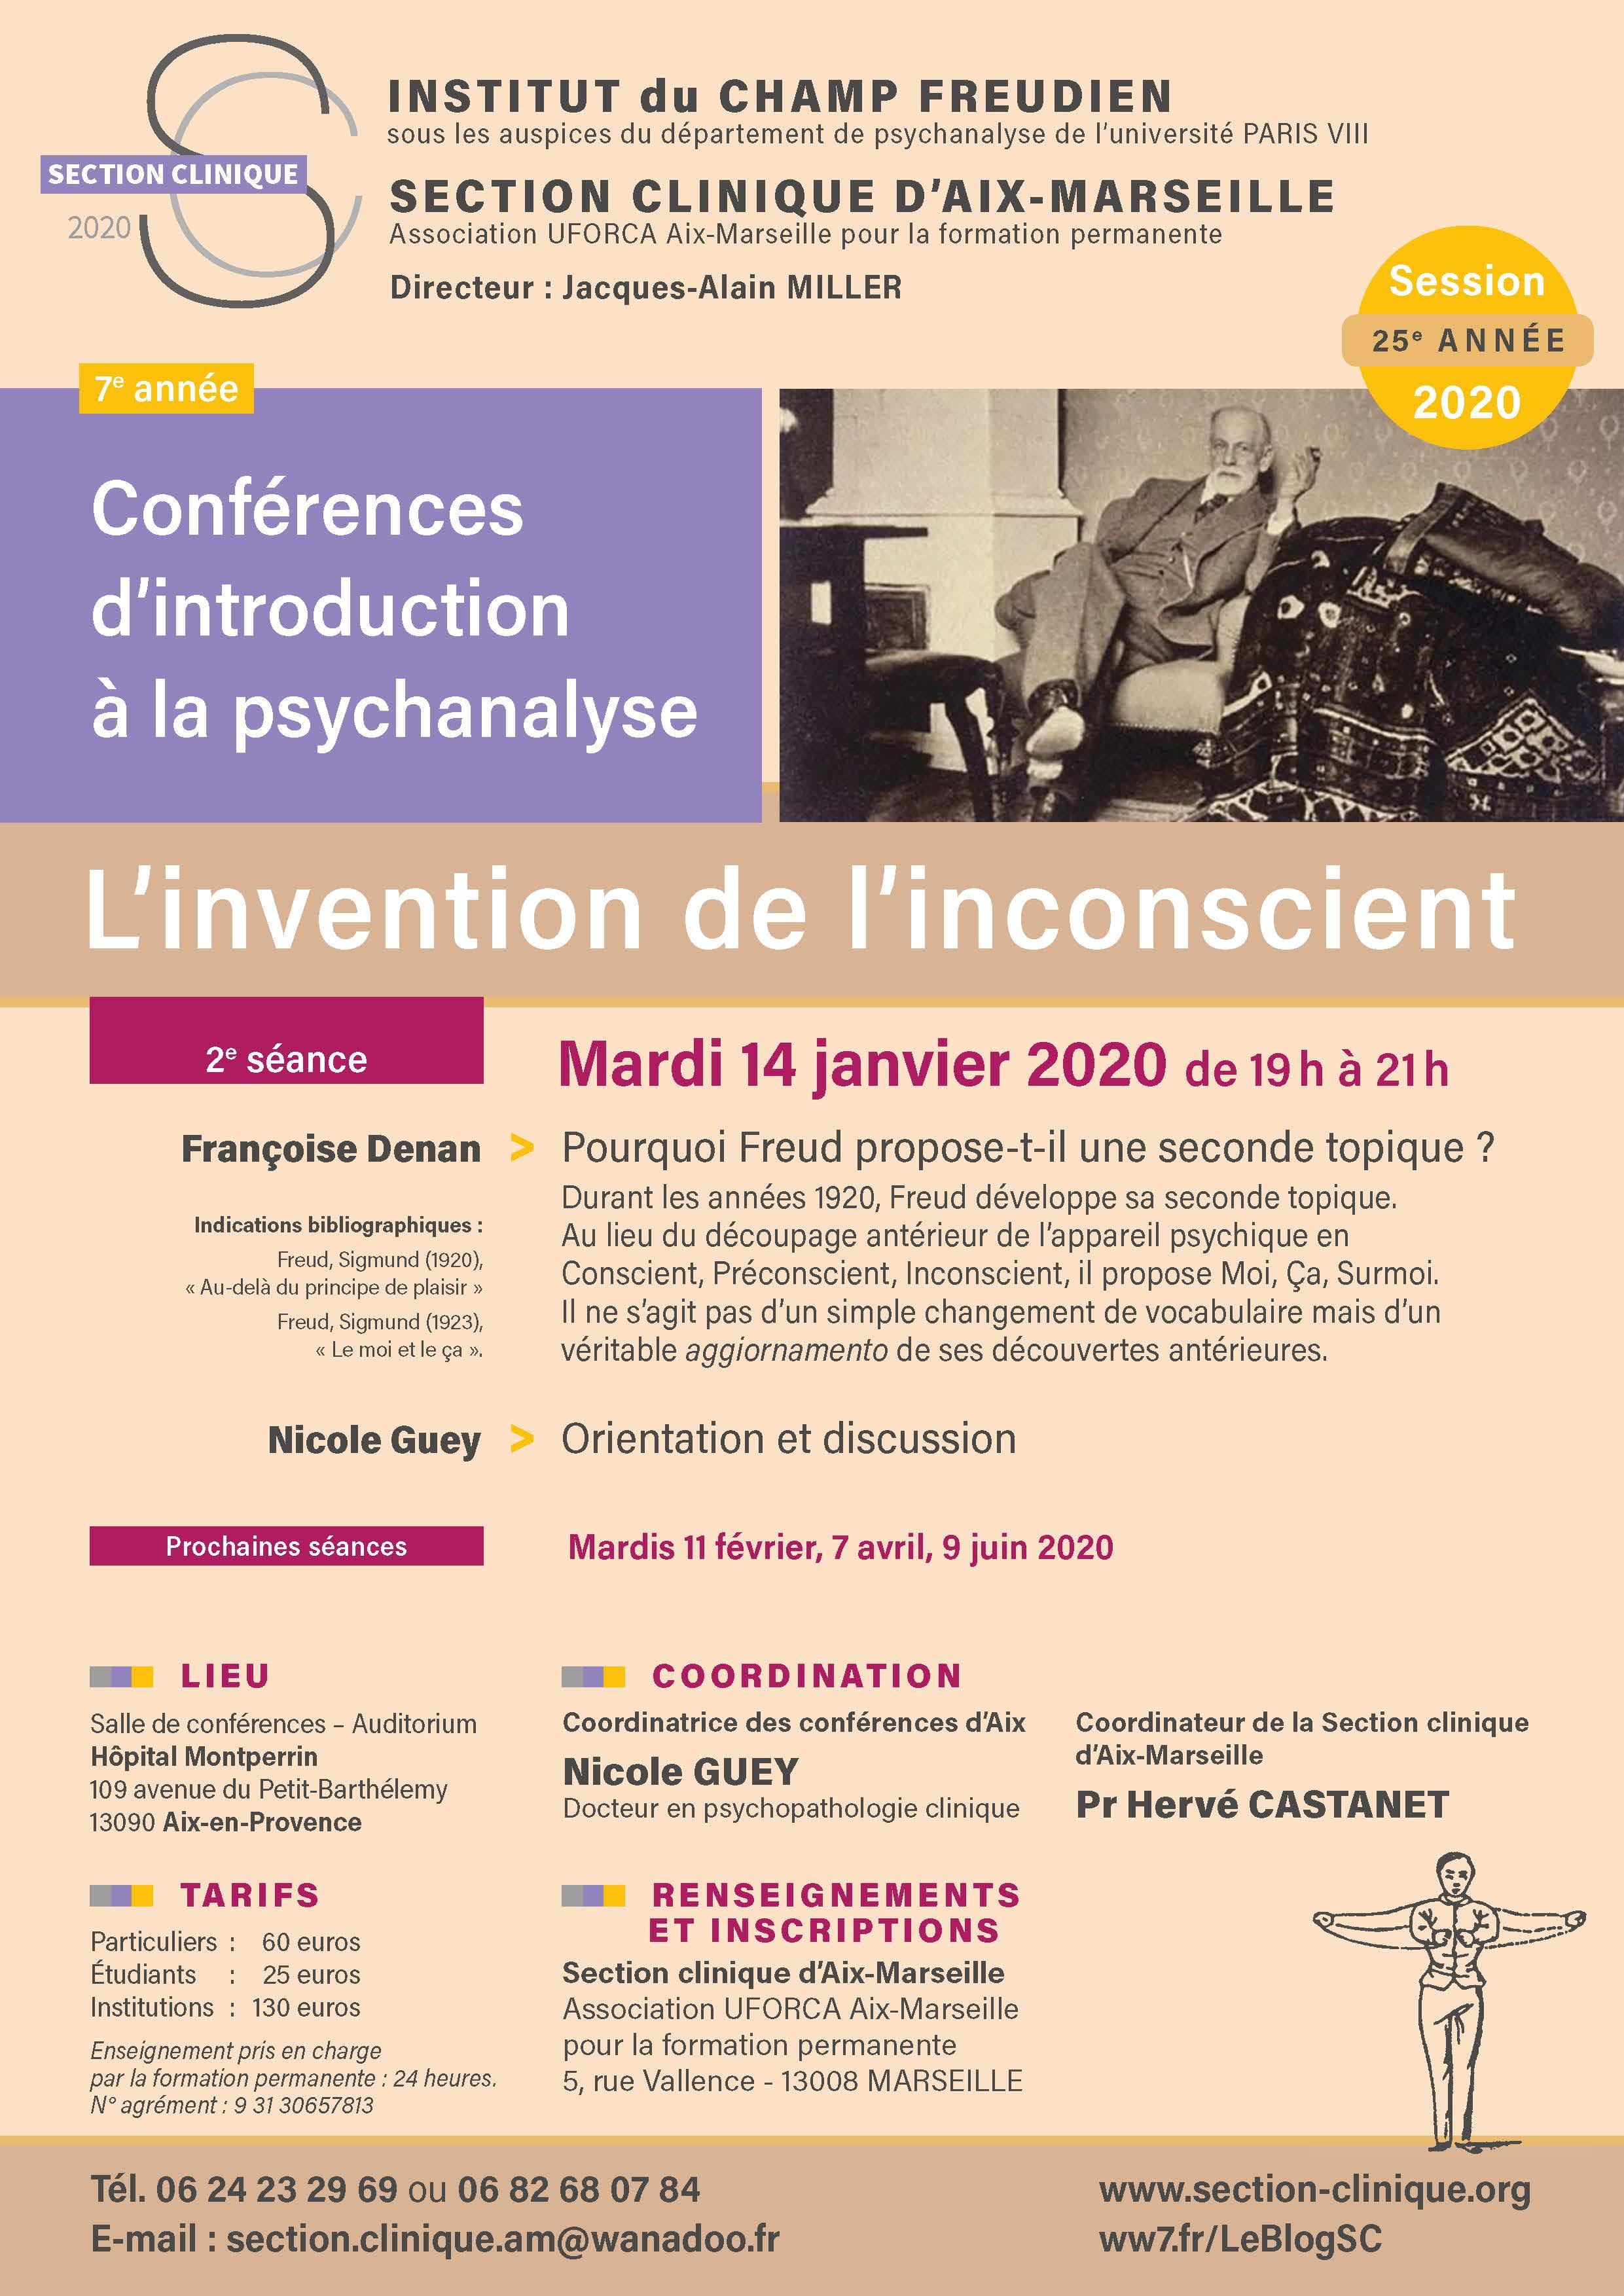 CONFE?RENCES D'INTRO A? LA PSYCHA NALYSE 2020 Affiche Séance 2